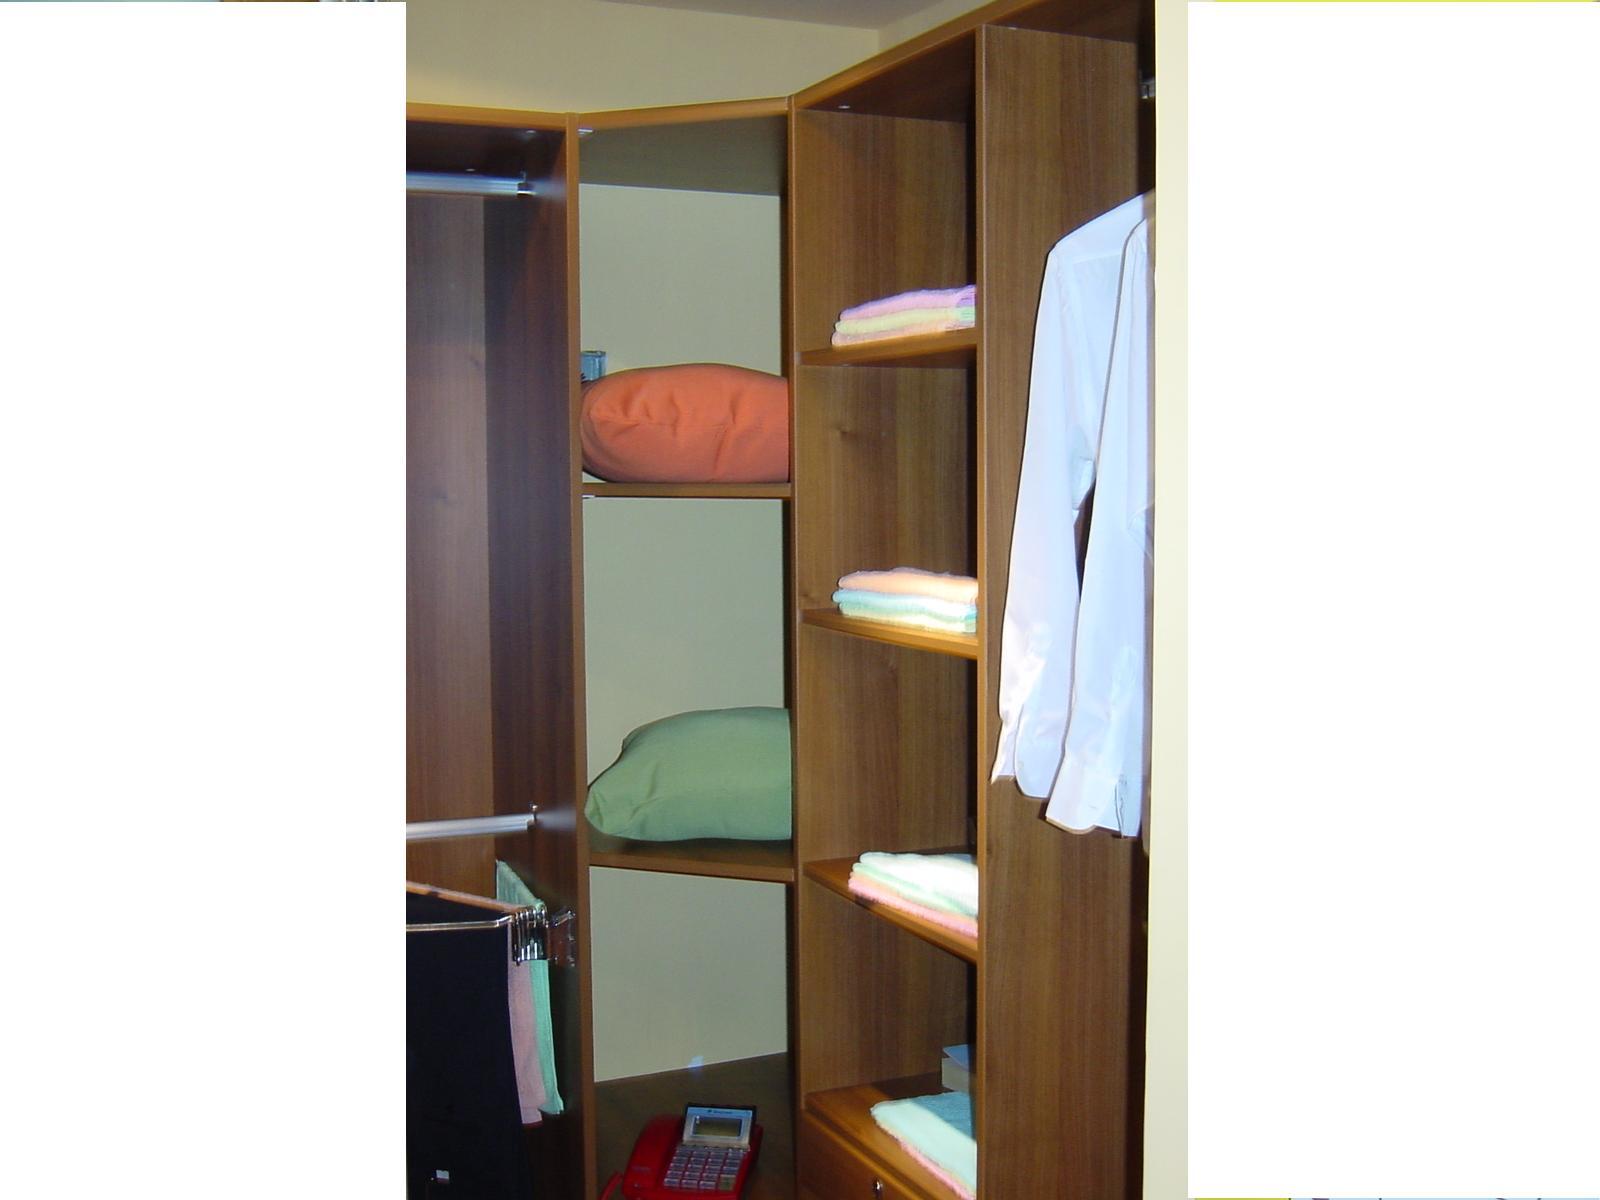 家装入墙式衣柜效果图,贴墙衣柜,电视衣柜一体墙效果图,衣柜和墙